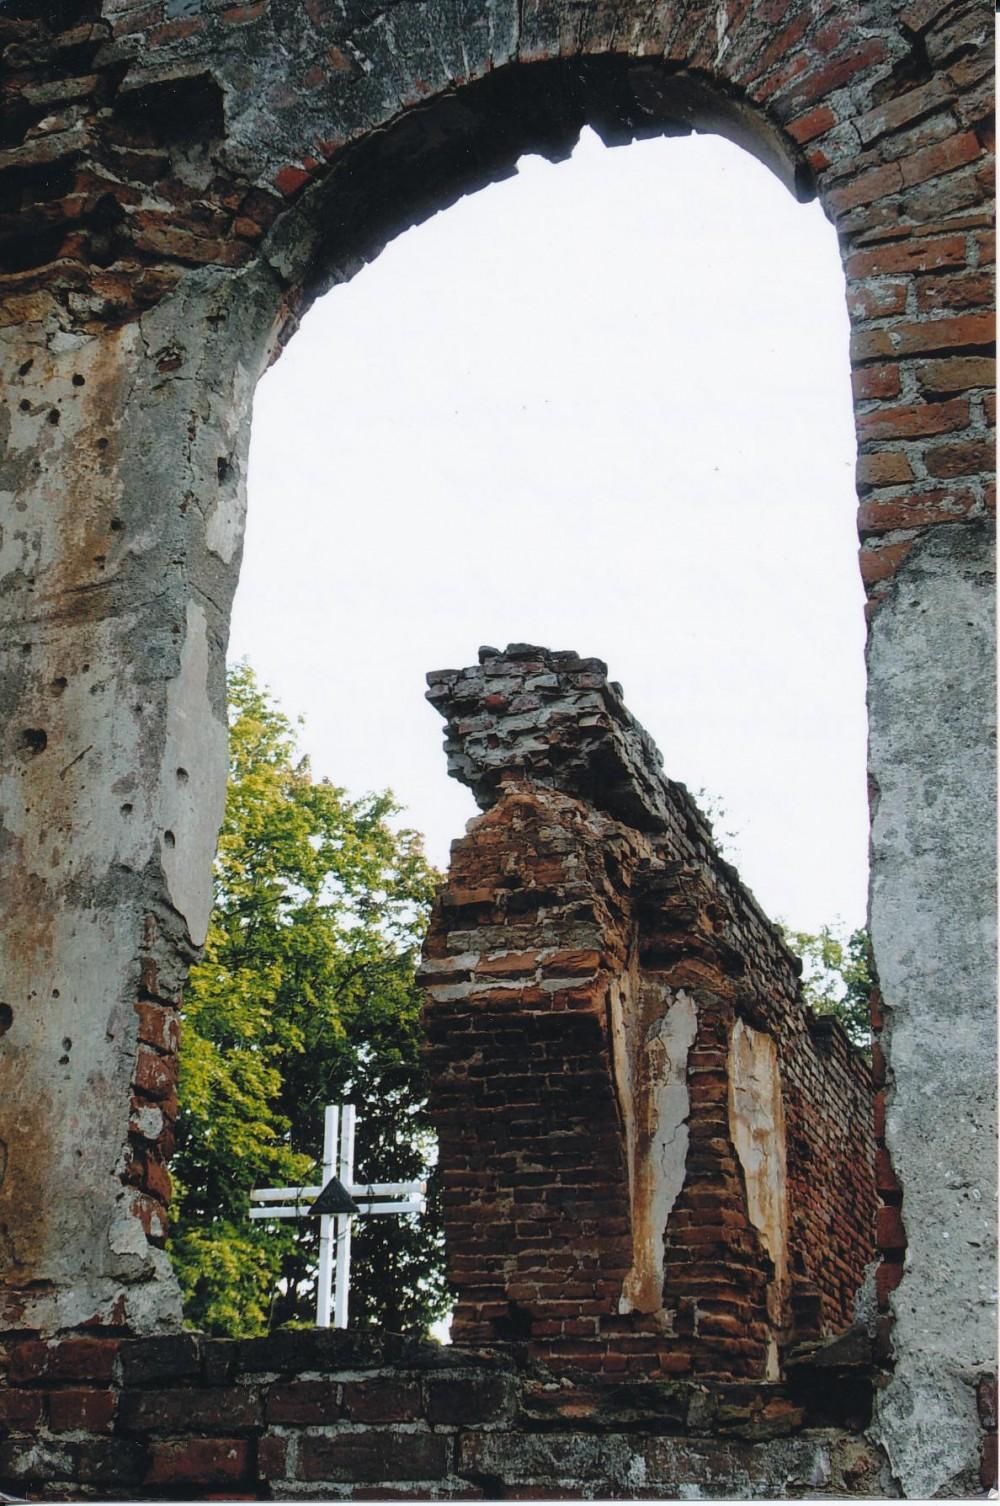 Lankeliškių bažnyčios griuvėsiai. Vilkaviškio rajonas. J. A. Herbačiausko tėvas dirbo šios bažnyčios zakristijonu. Z. Baltrušio nuotrauka. 2006 m.